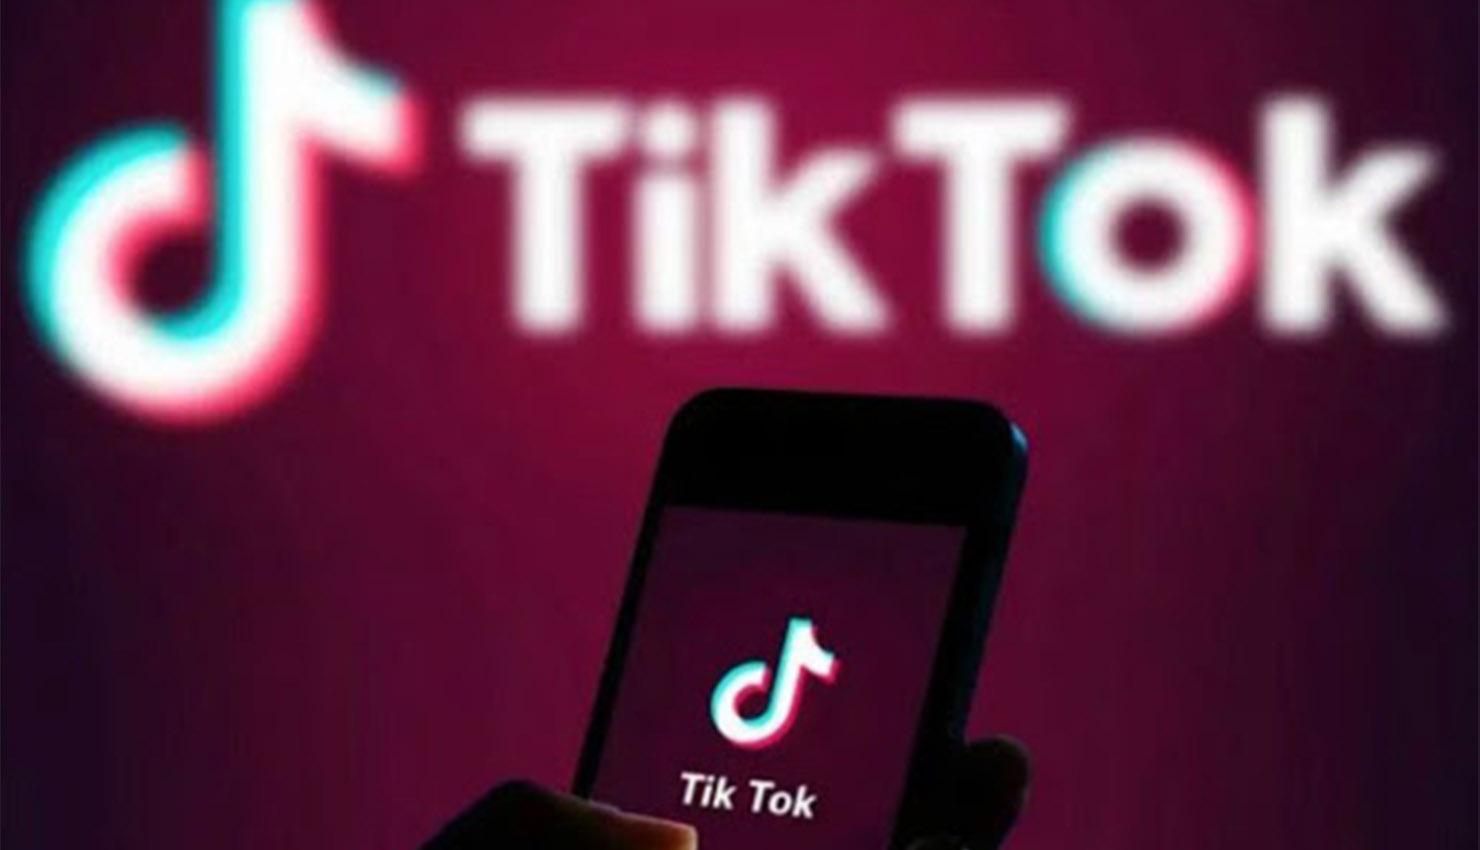 e-comerce-TikTok-tendencia-china-magazinehorse